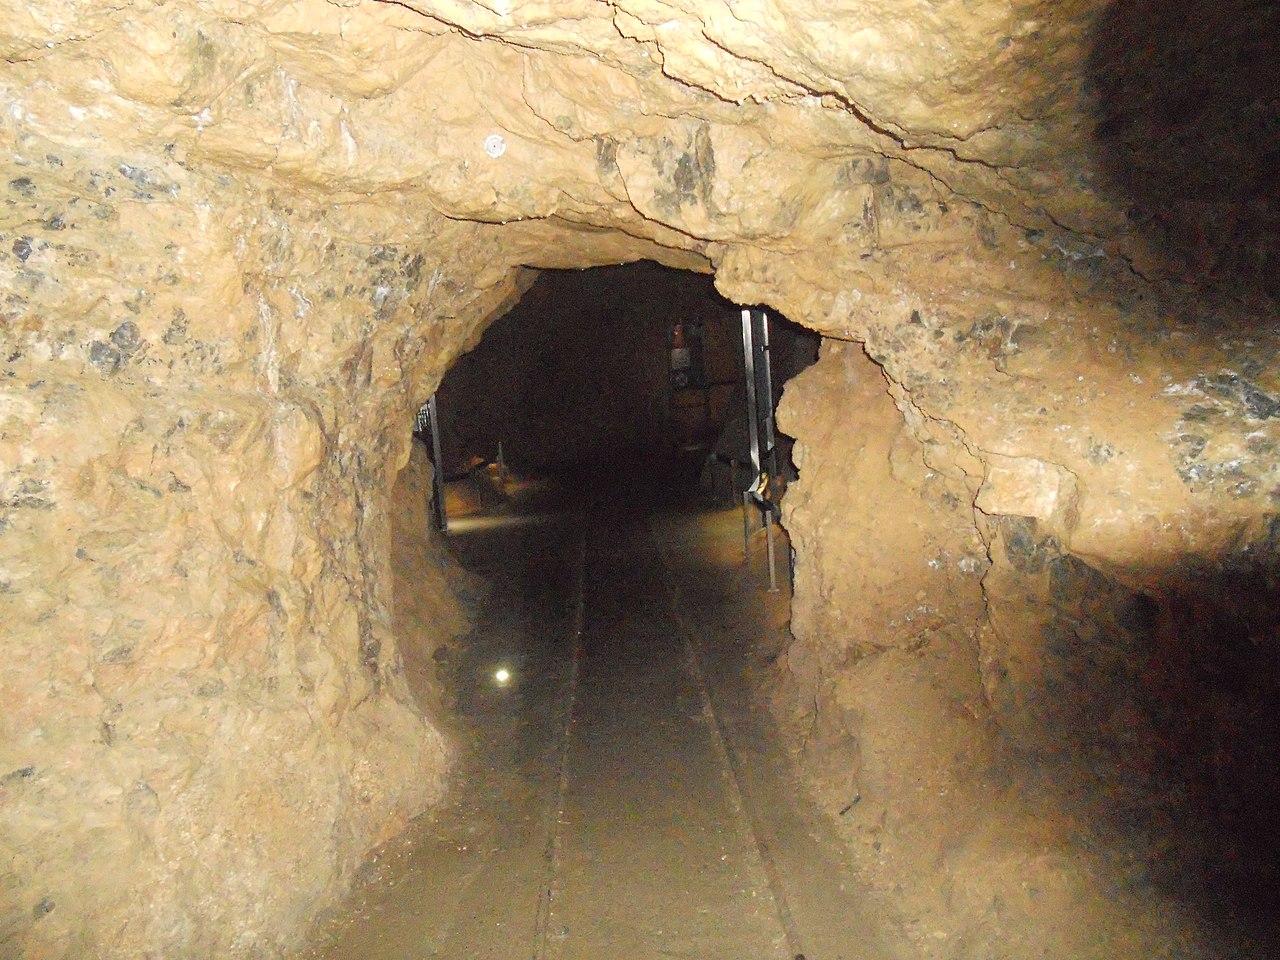 Obli zidovi Risevačke pećine ukazuju na to da je ovde nekada tutnjala voda koja ju je formirala, foto: Vanilica / Wikimedia